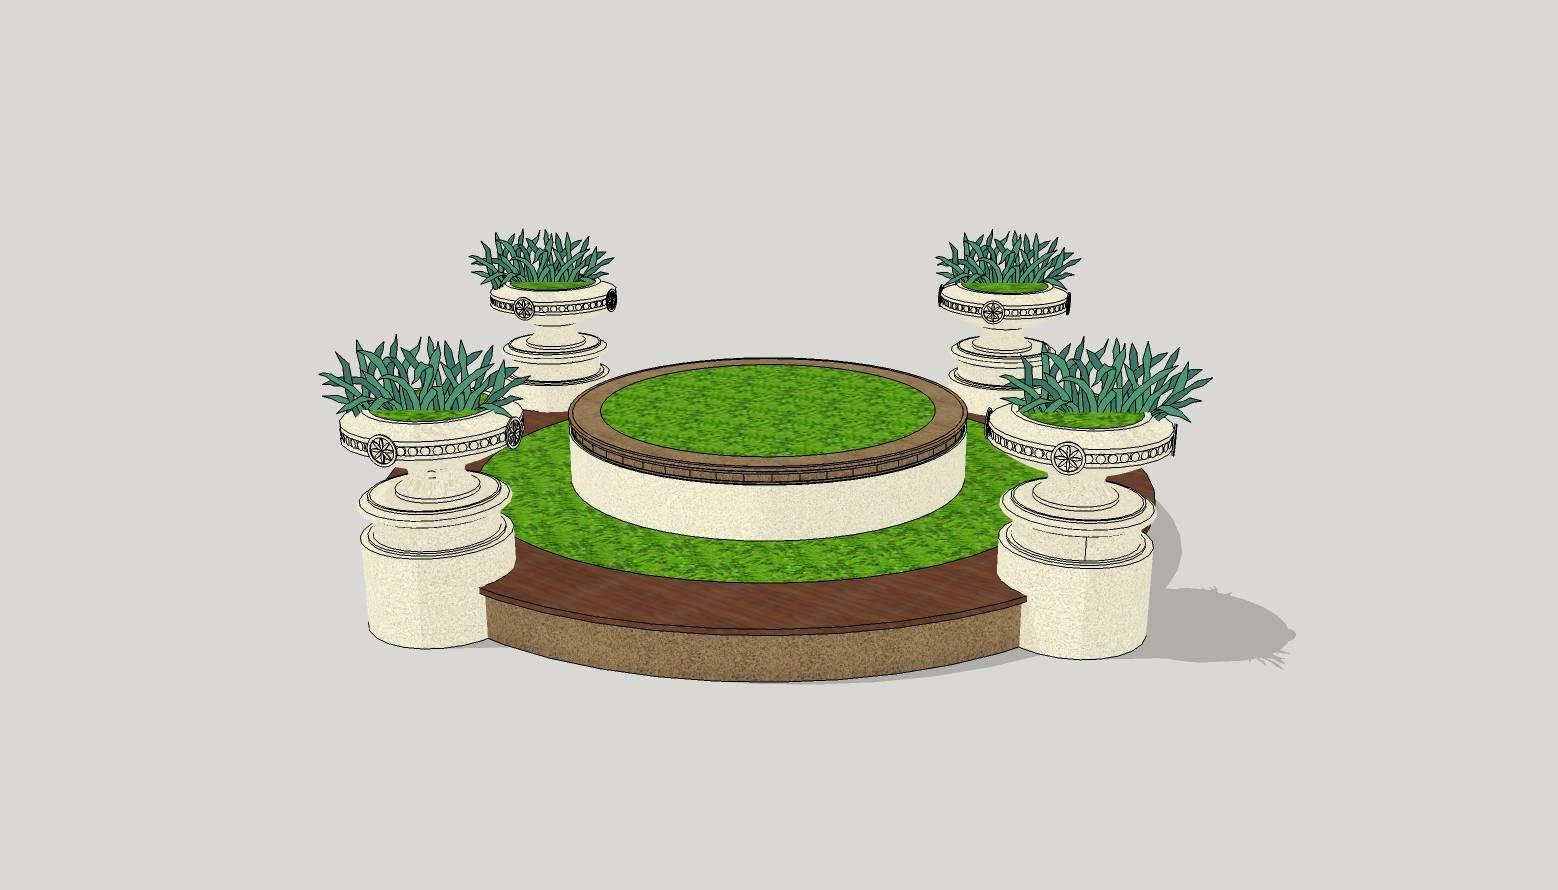 圆形树池   创意树池  欧式树池  小区树池  酒店树池 公园 公共空间